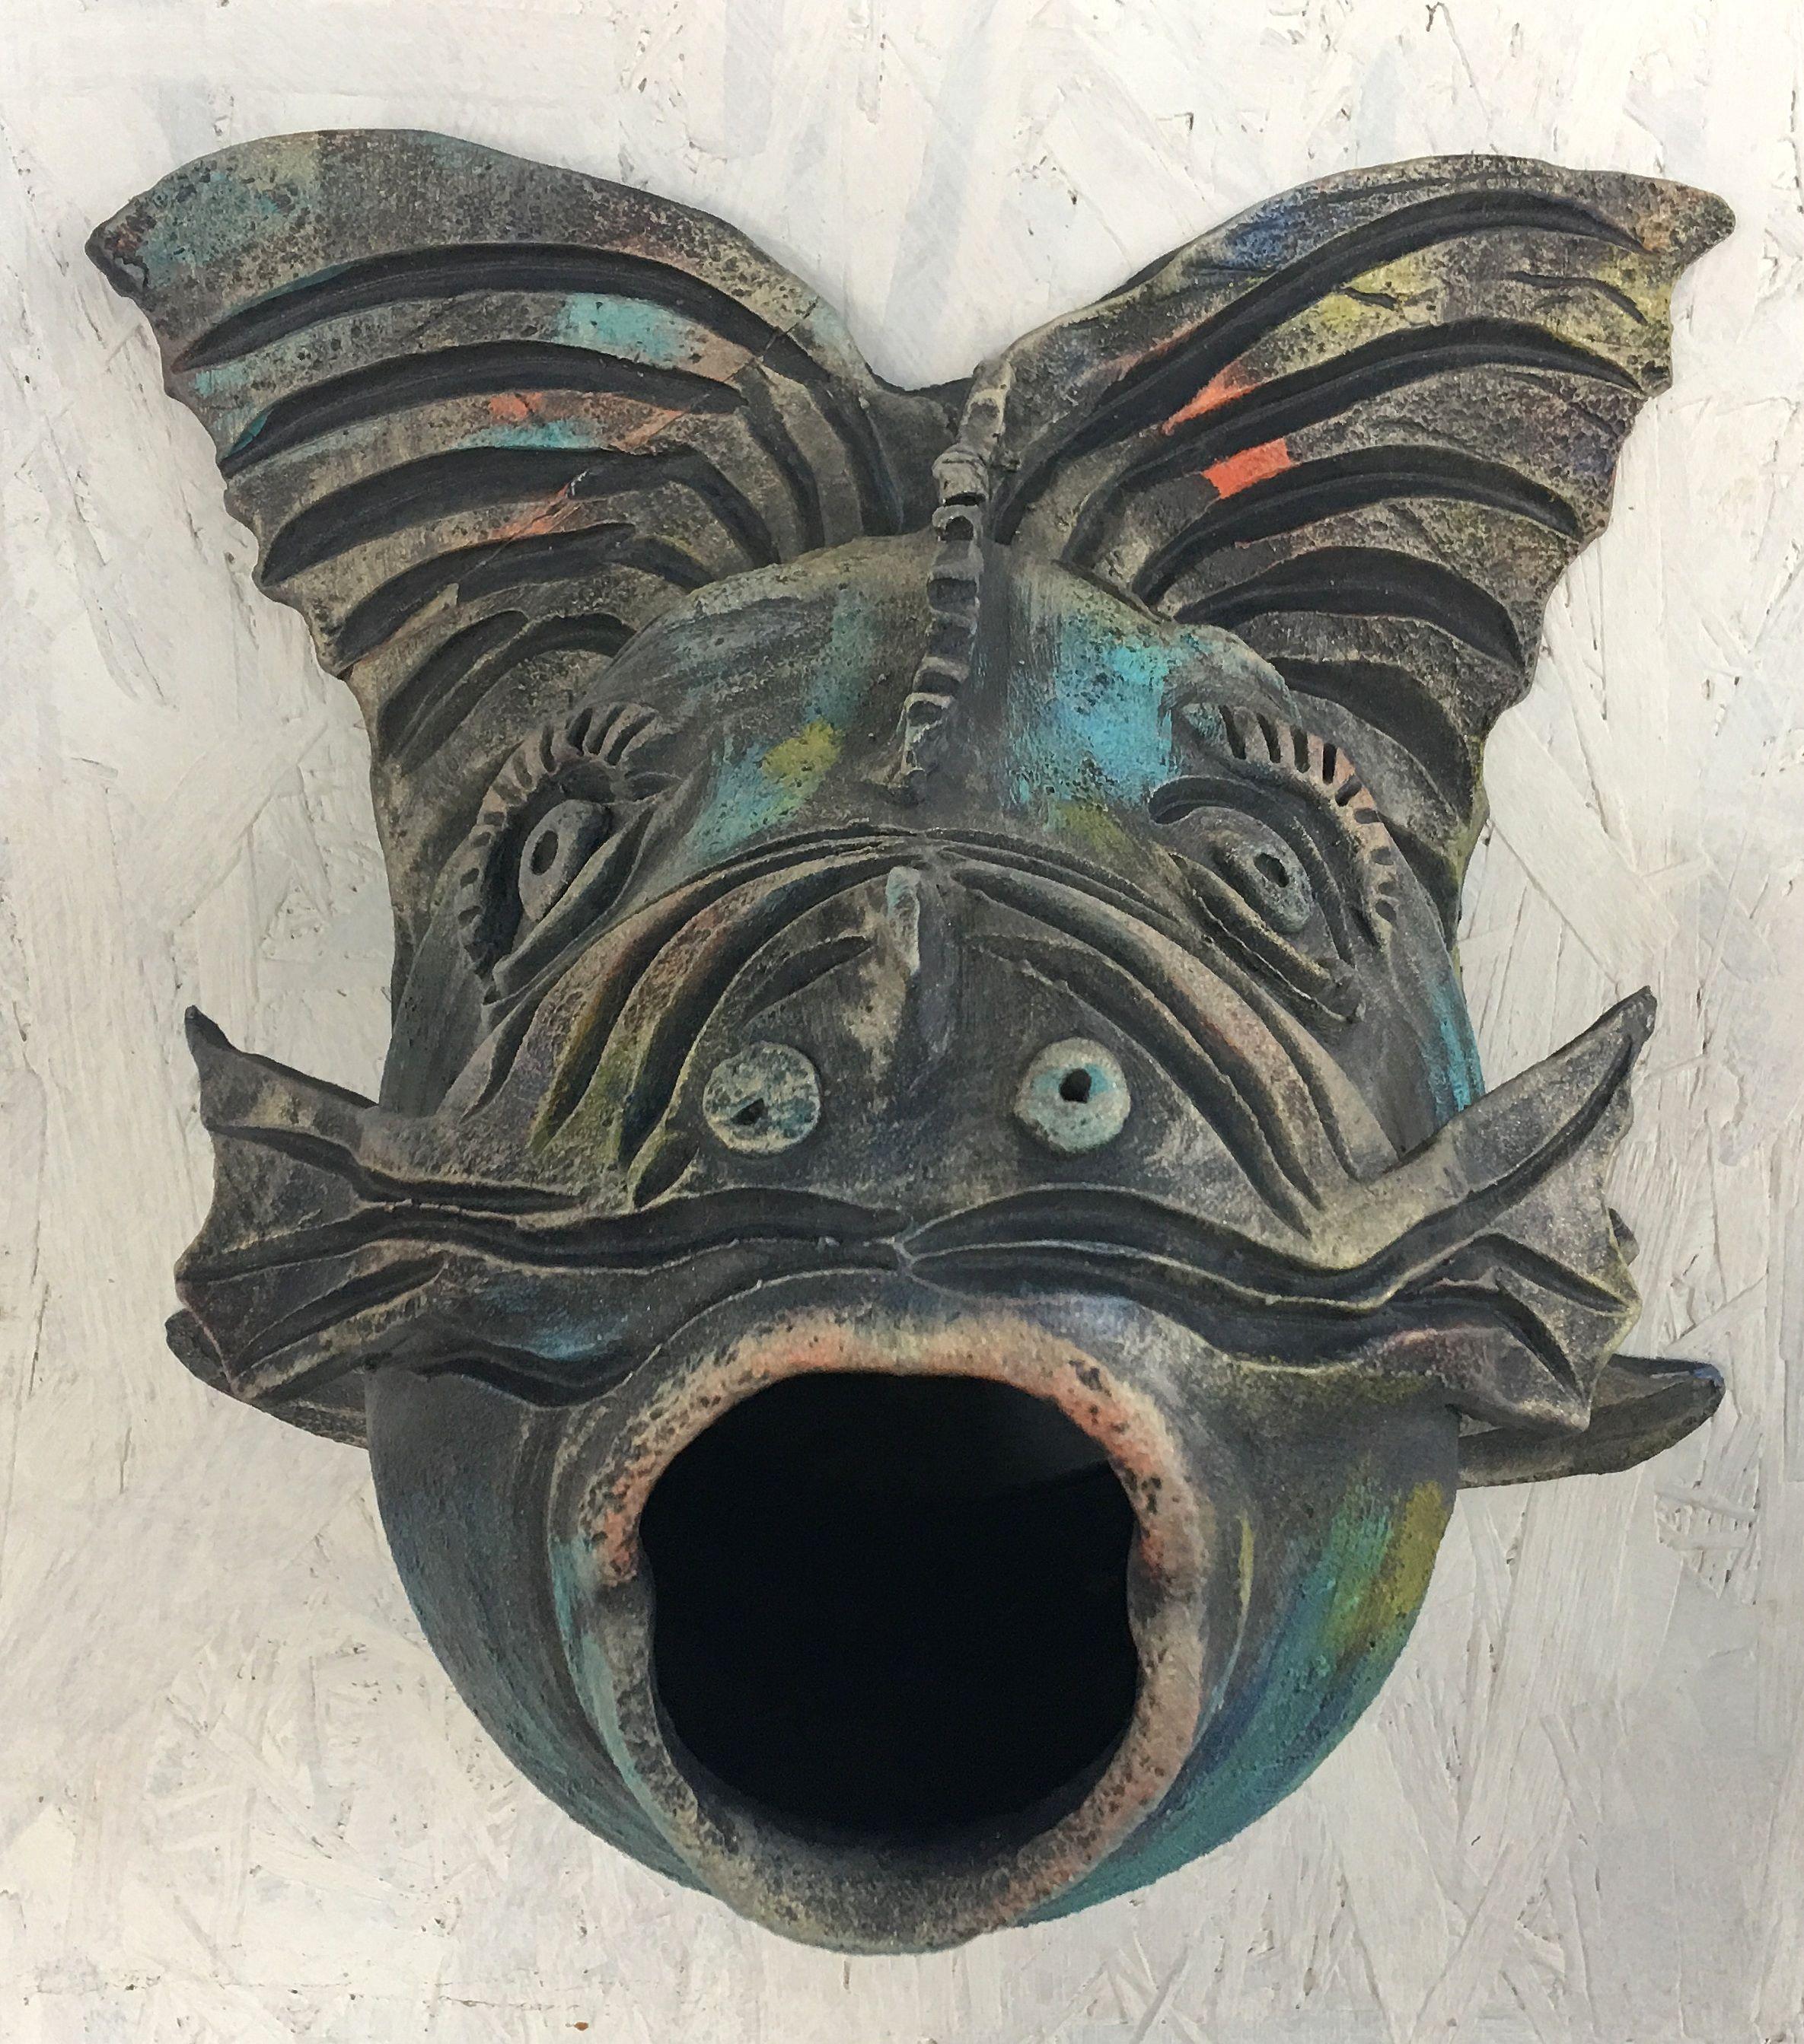 Hal vízköpő2 : fagyálló egyedi elképzelés alapján készülő hal ördög fej vízköpő